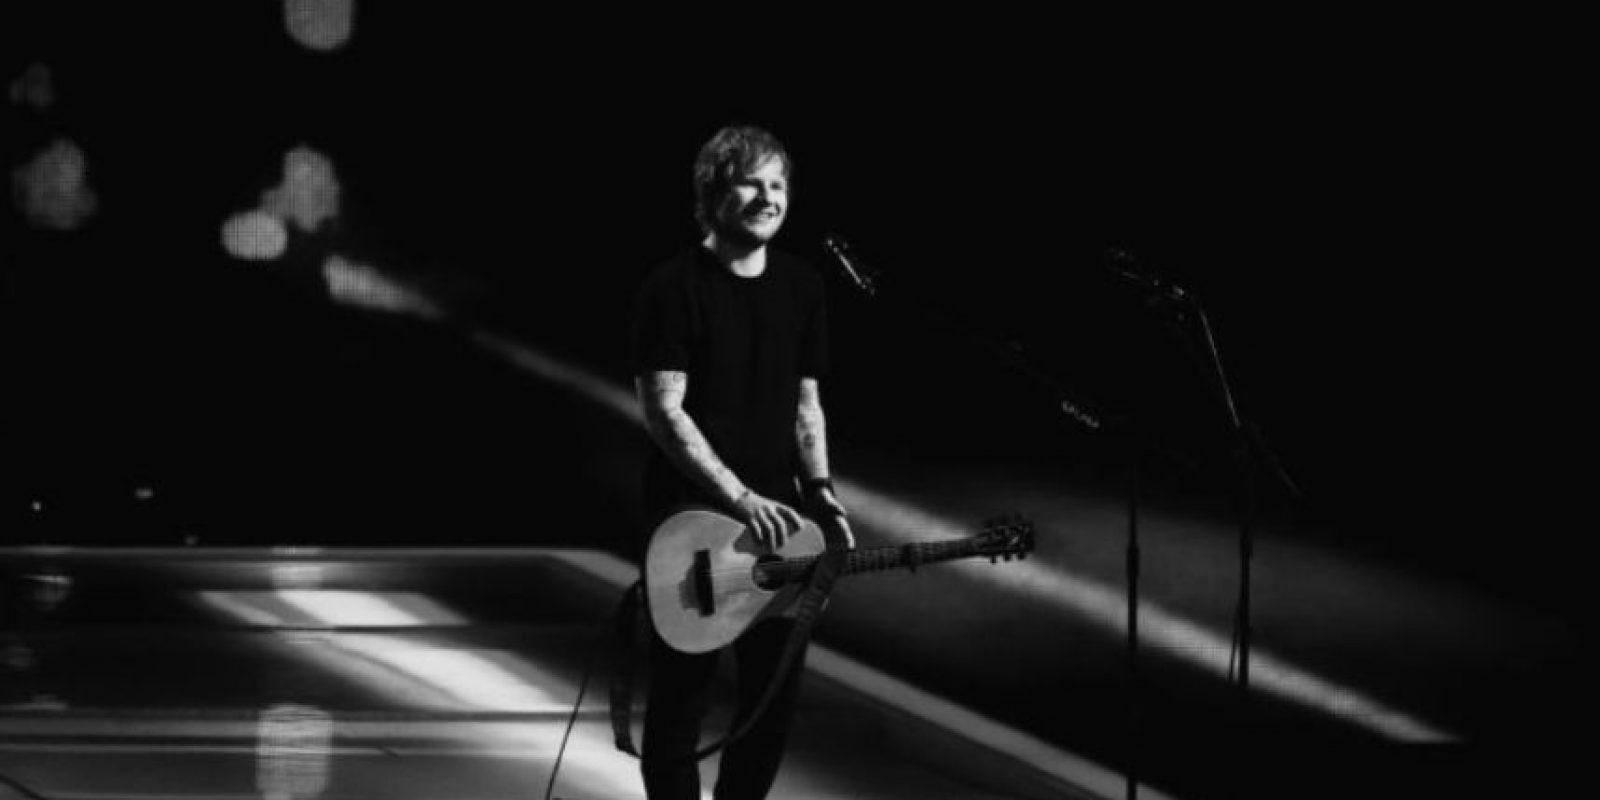 El artista más popular en el 2014 fue Ed Sheeran. Foto:Getty Images